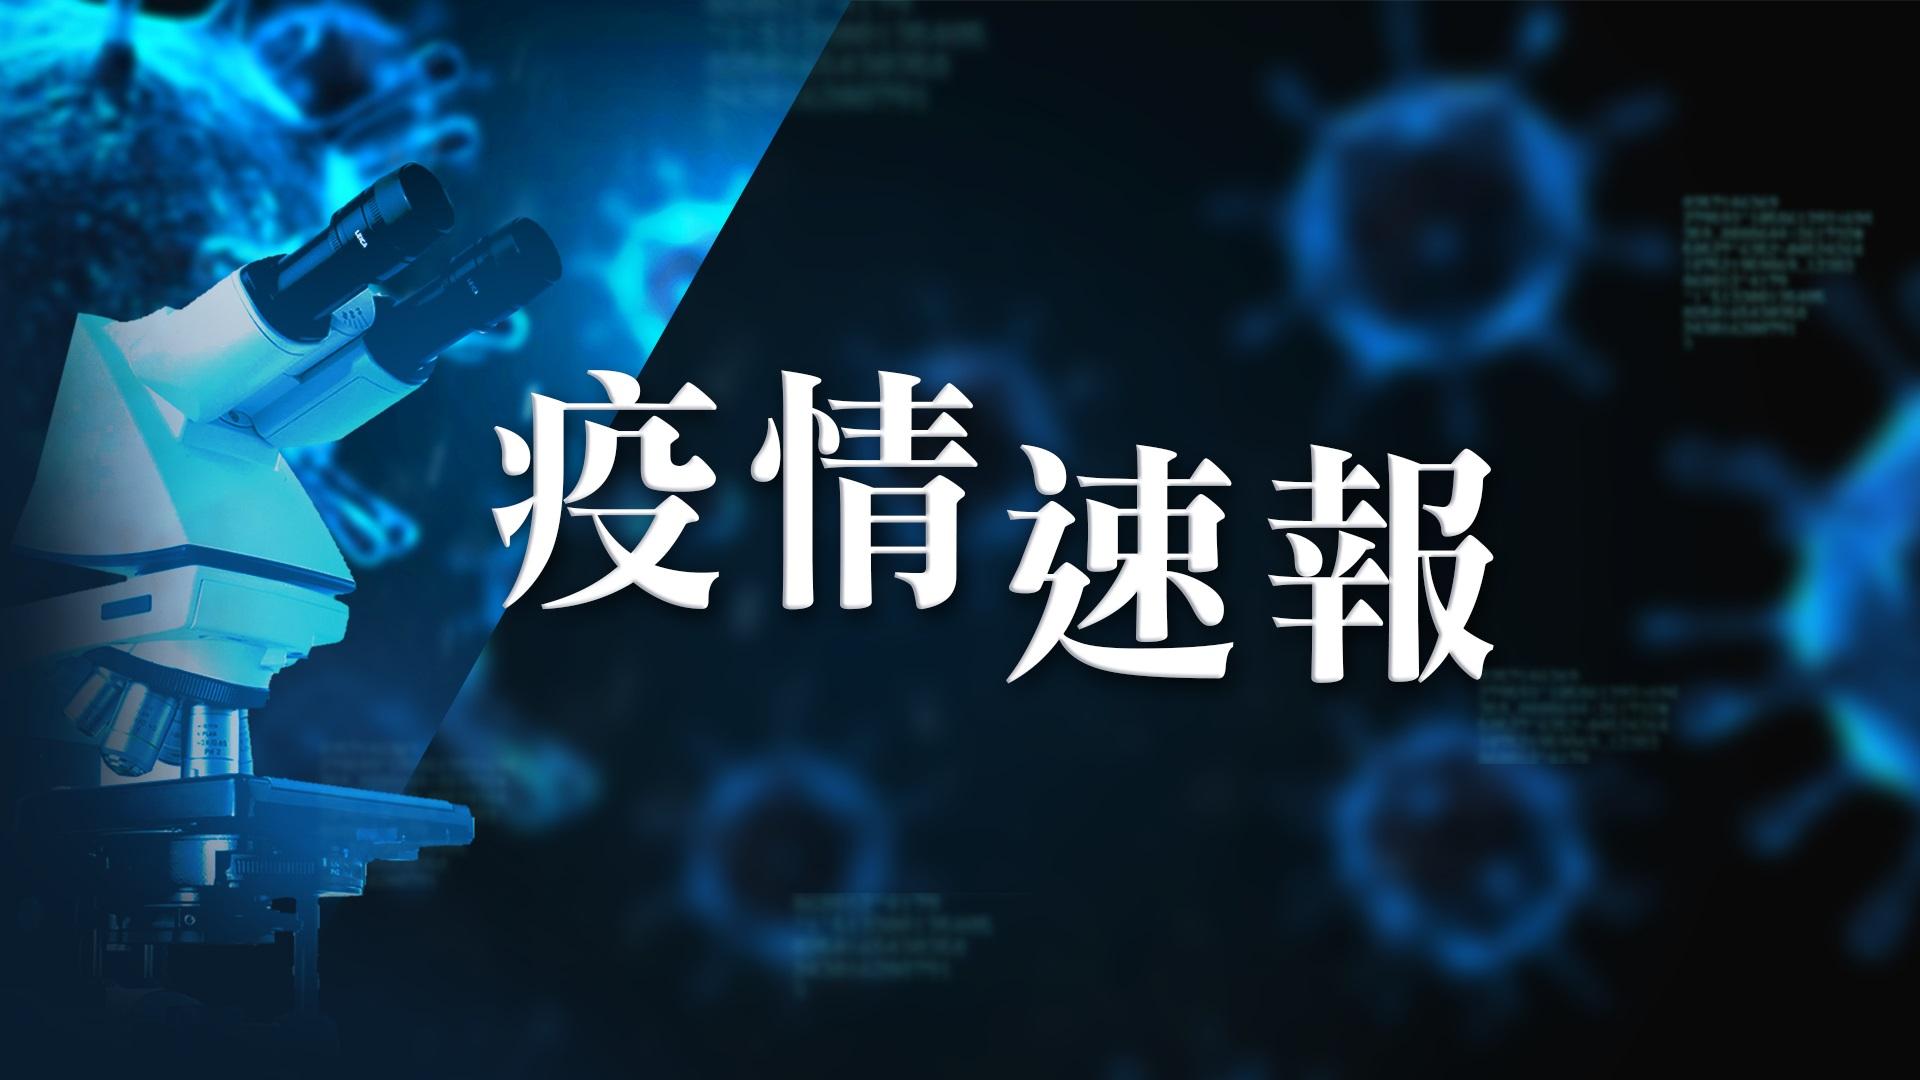 【3月21日疫情速報】(23:20)